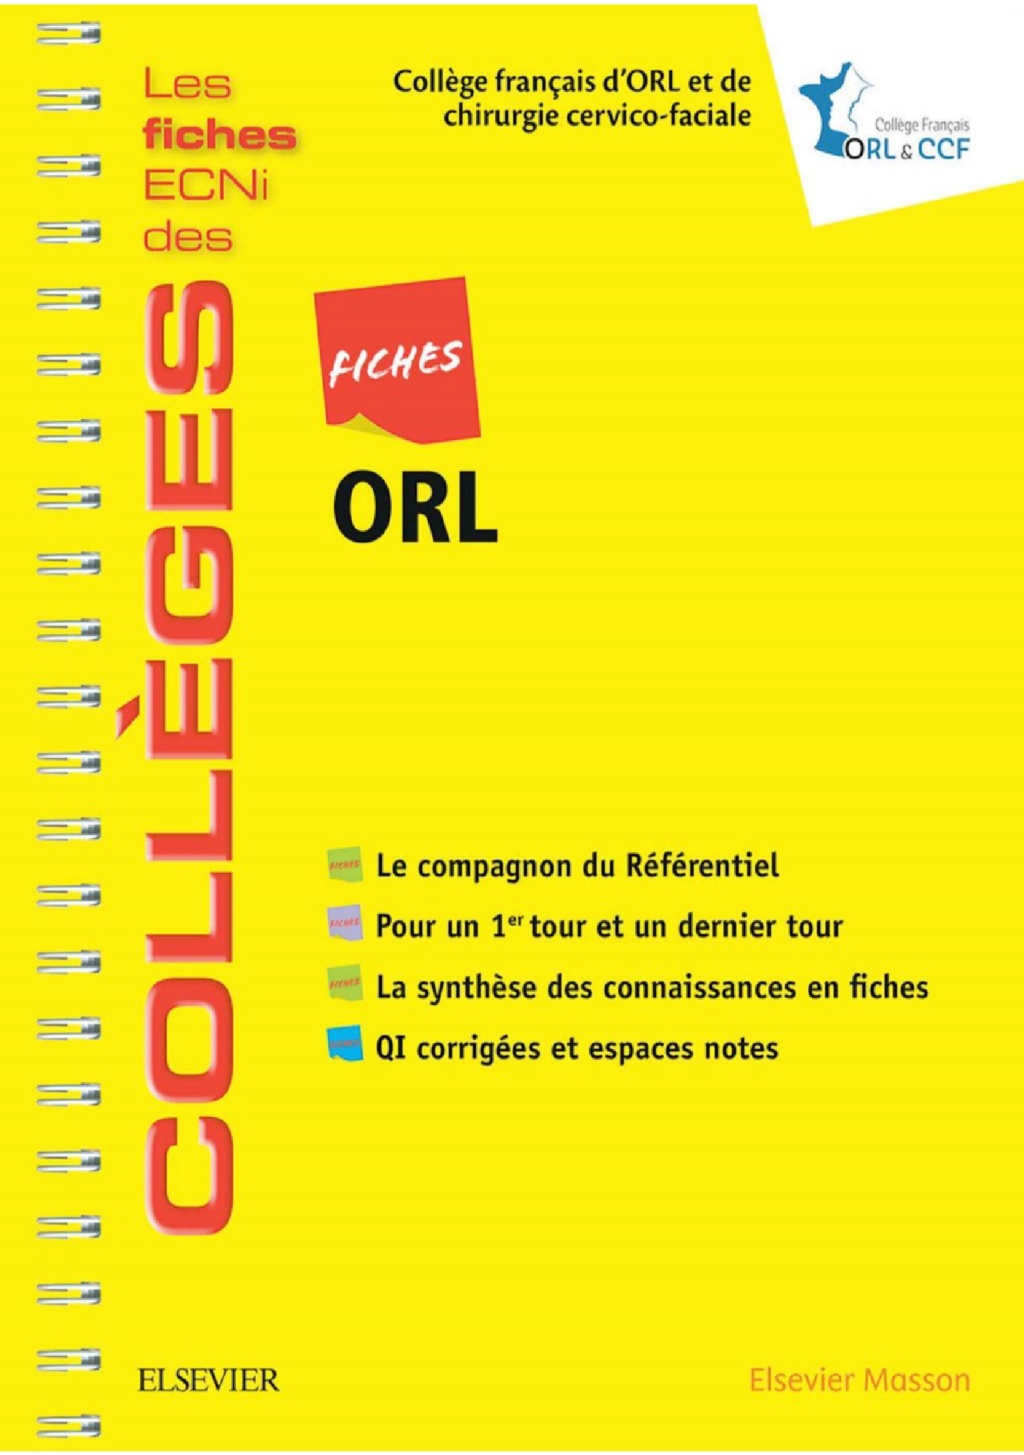 Livres Médicales - Fiches ORL: Les fiches ECNi et QI des Collèges 2018 Fiches10